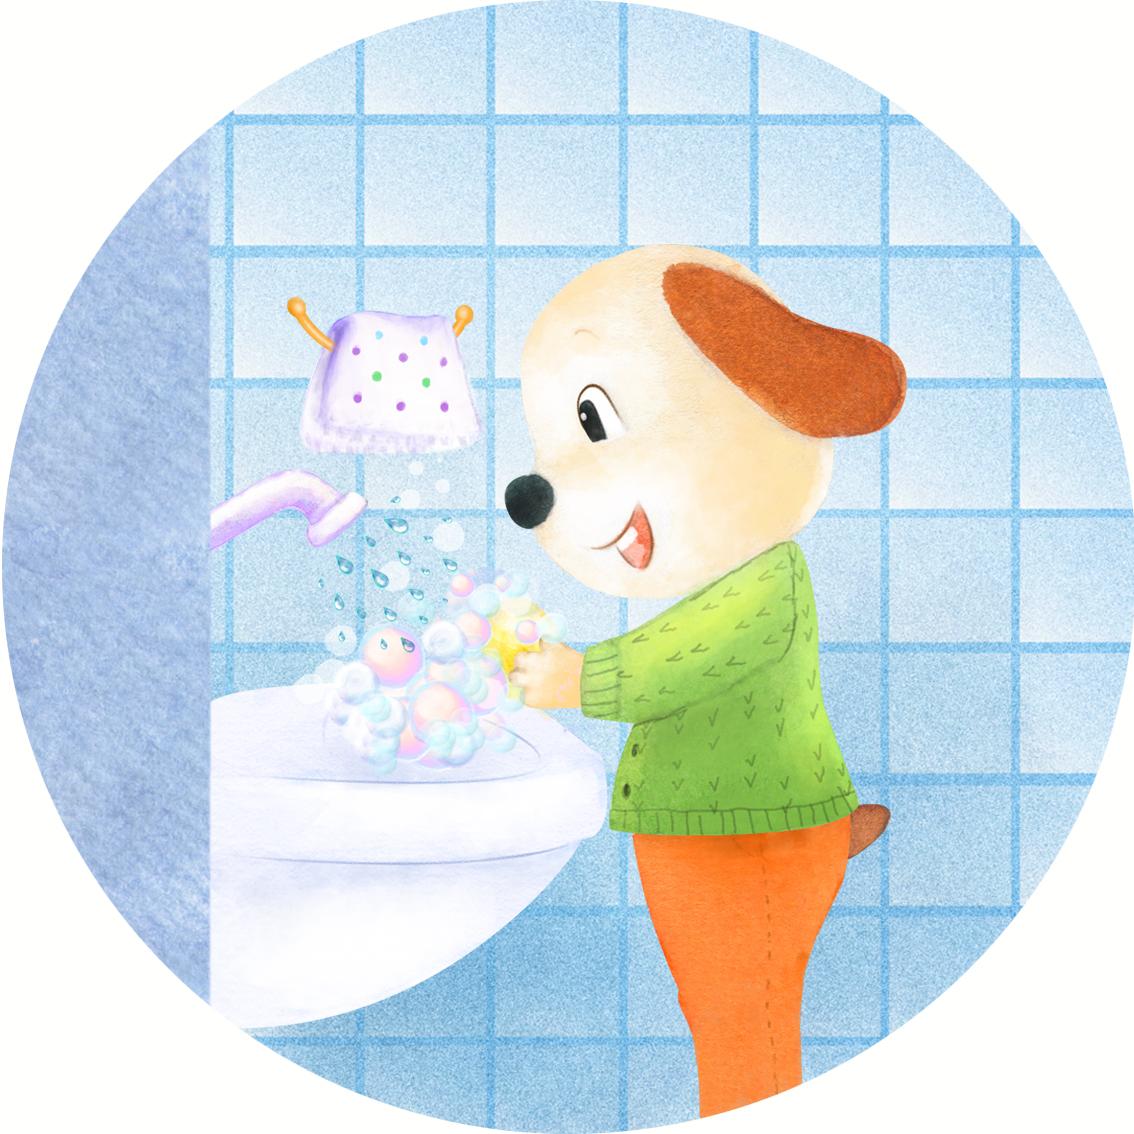 Эксмо Значок Мою руки после улицы перед едой978-5-699-85954-2Мою руки после улицы/перед едой. Очень полезный навык, но иногда детишкам лень это делать. Наш значок станет отличным мотиватором! Выдайте его после того, как ребенок в заданный вами период регулярно мыл свои ручки. Значки-мотиваторы помогут: - детям освоить основные повседневные навыки; развить свои способности; собрать свою коллекцию достижений; - родителям обходиться в обучении без поощрения планшетом, мультиками, едой и деньгами; воспитать у детей ответственность и трудолюбие; легко организовать помощь детей в быту. Диаметр значка – 38 мм, крепление «булавка» (безопасна для детей). Упаковка: бумажный вкладыш с инструкцией, пакетик с европодвесом.